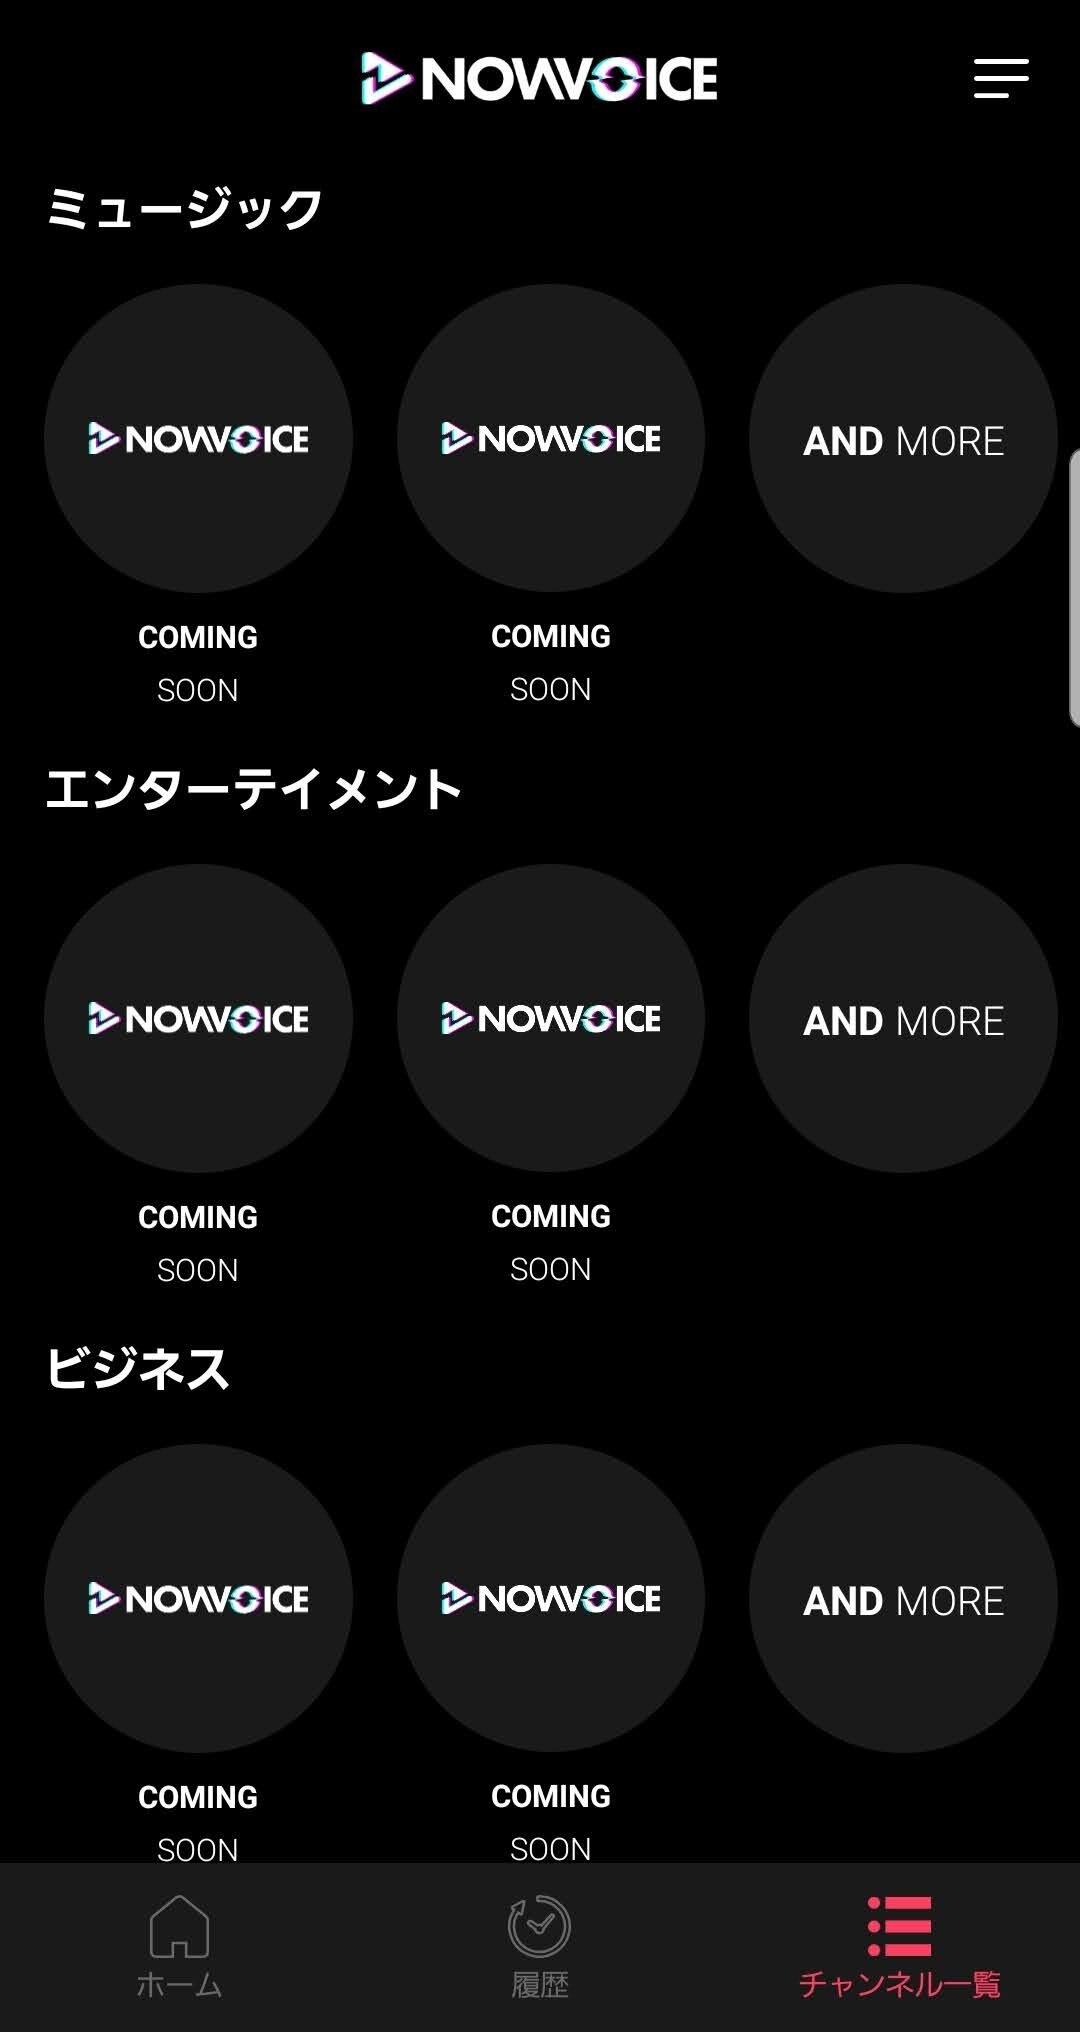 NowVoice comming